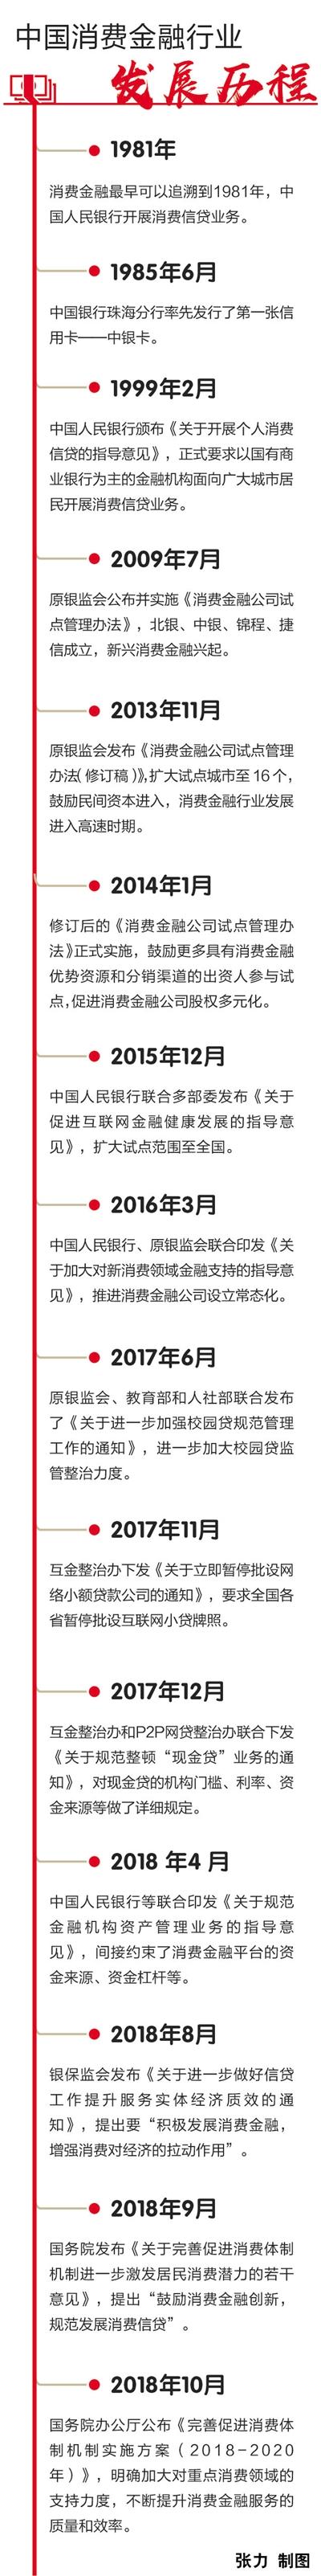 华培动力股价6天飙涨76% 投资氢能源被疑提前泄密